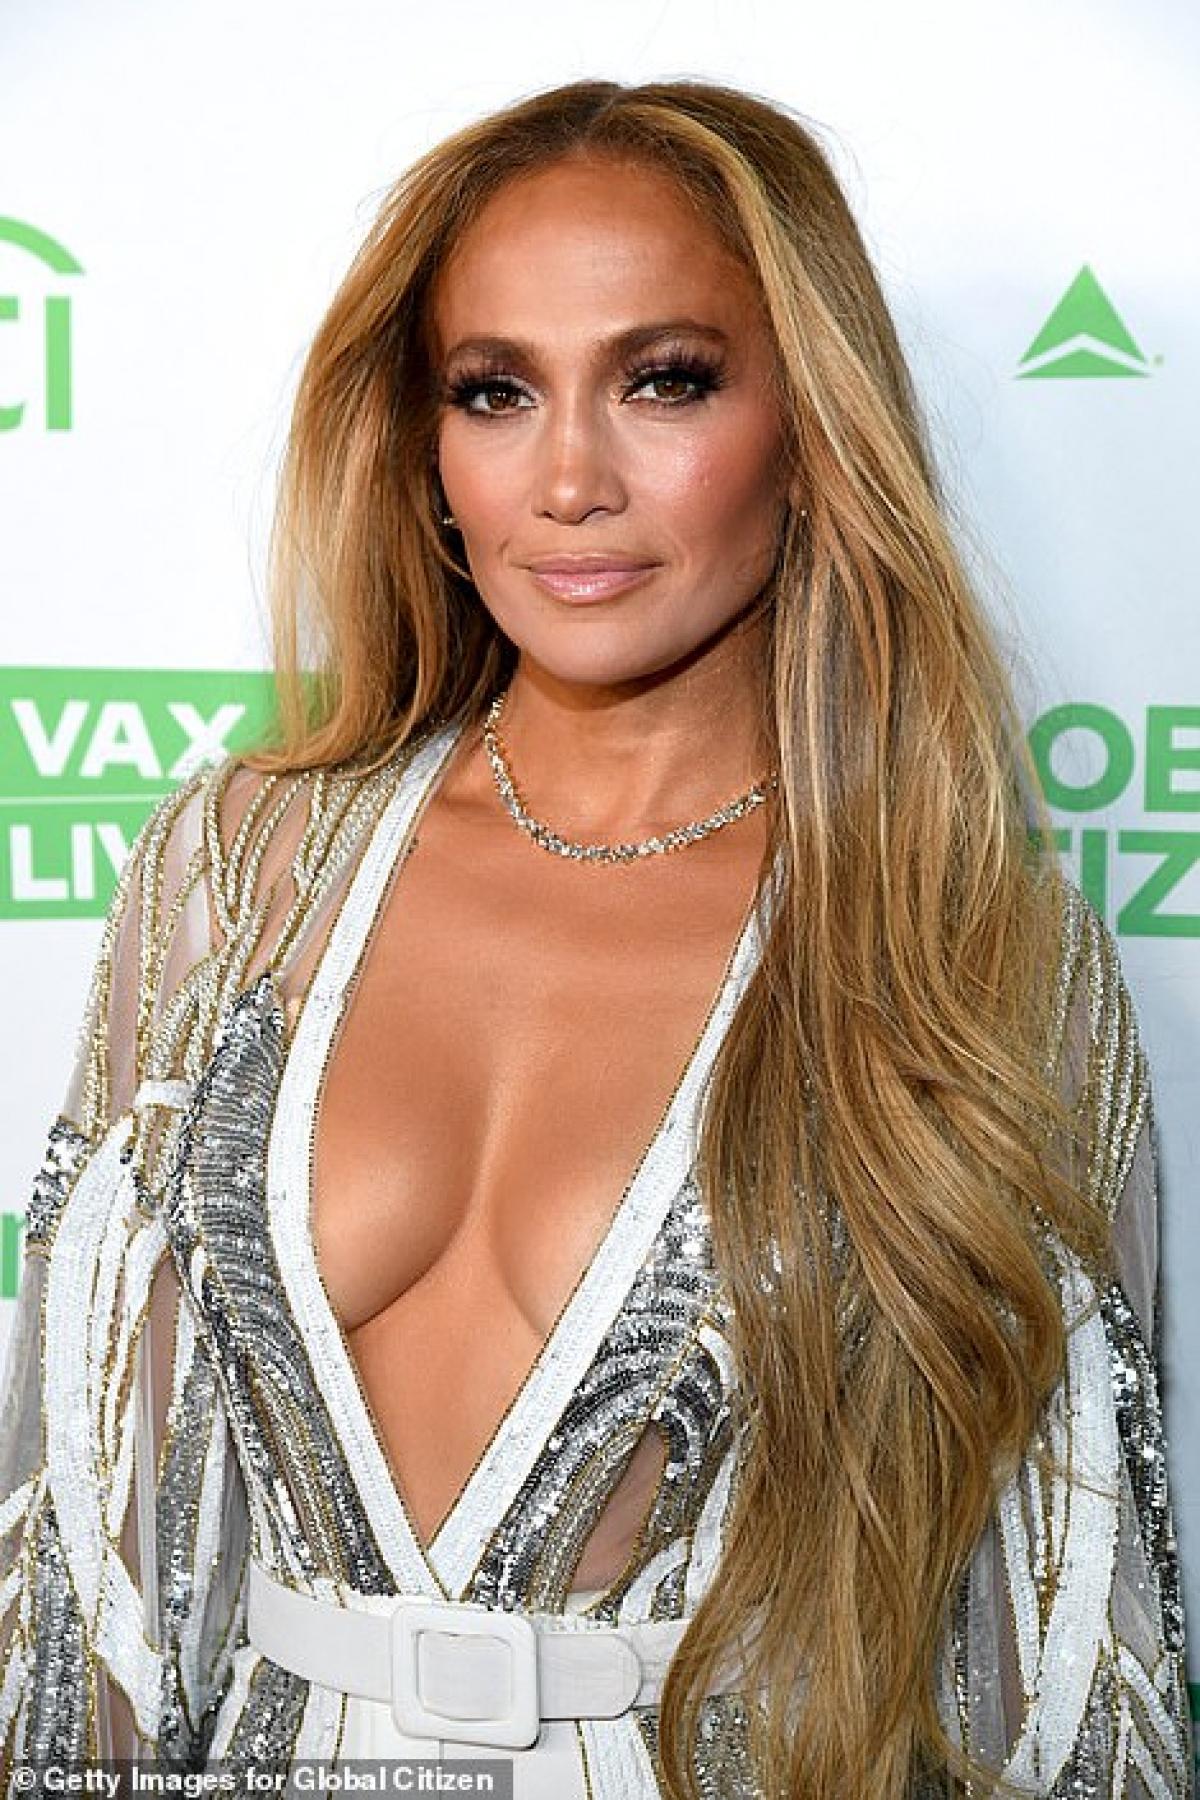 """""""Chúng tôi cầu chúc những điều tốt đẹp nhất cho nhau và con cái của nhau. Bên cạnh đó, lời bình luận duy nhất mà chúng tôi muốn nói là cảm ơn tất cả những người đã gửi những lời tốt đẹp và ủng hộ tới chúng tôi trong thời gian qua"""" - Jennifer Lopez bày tỏ./."""